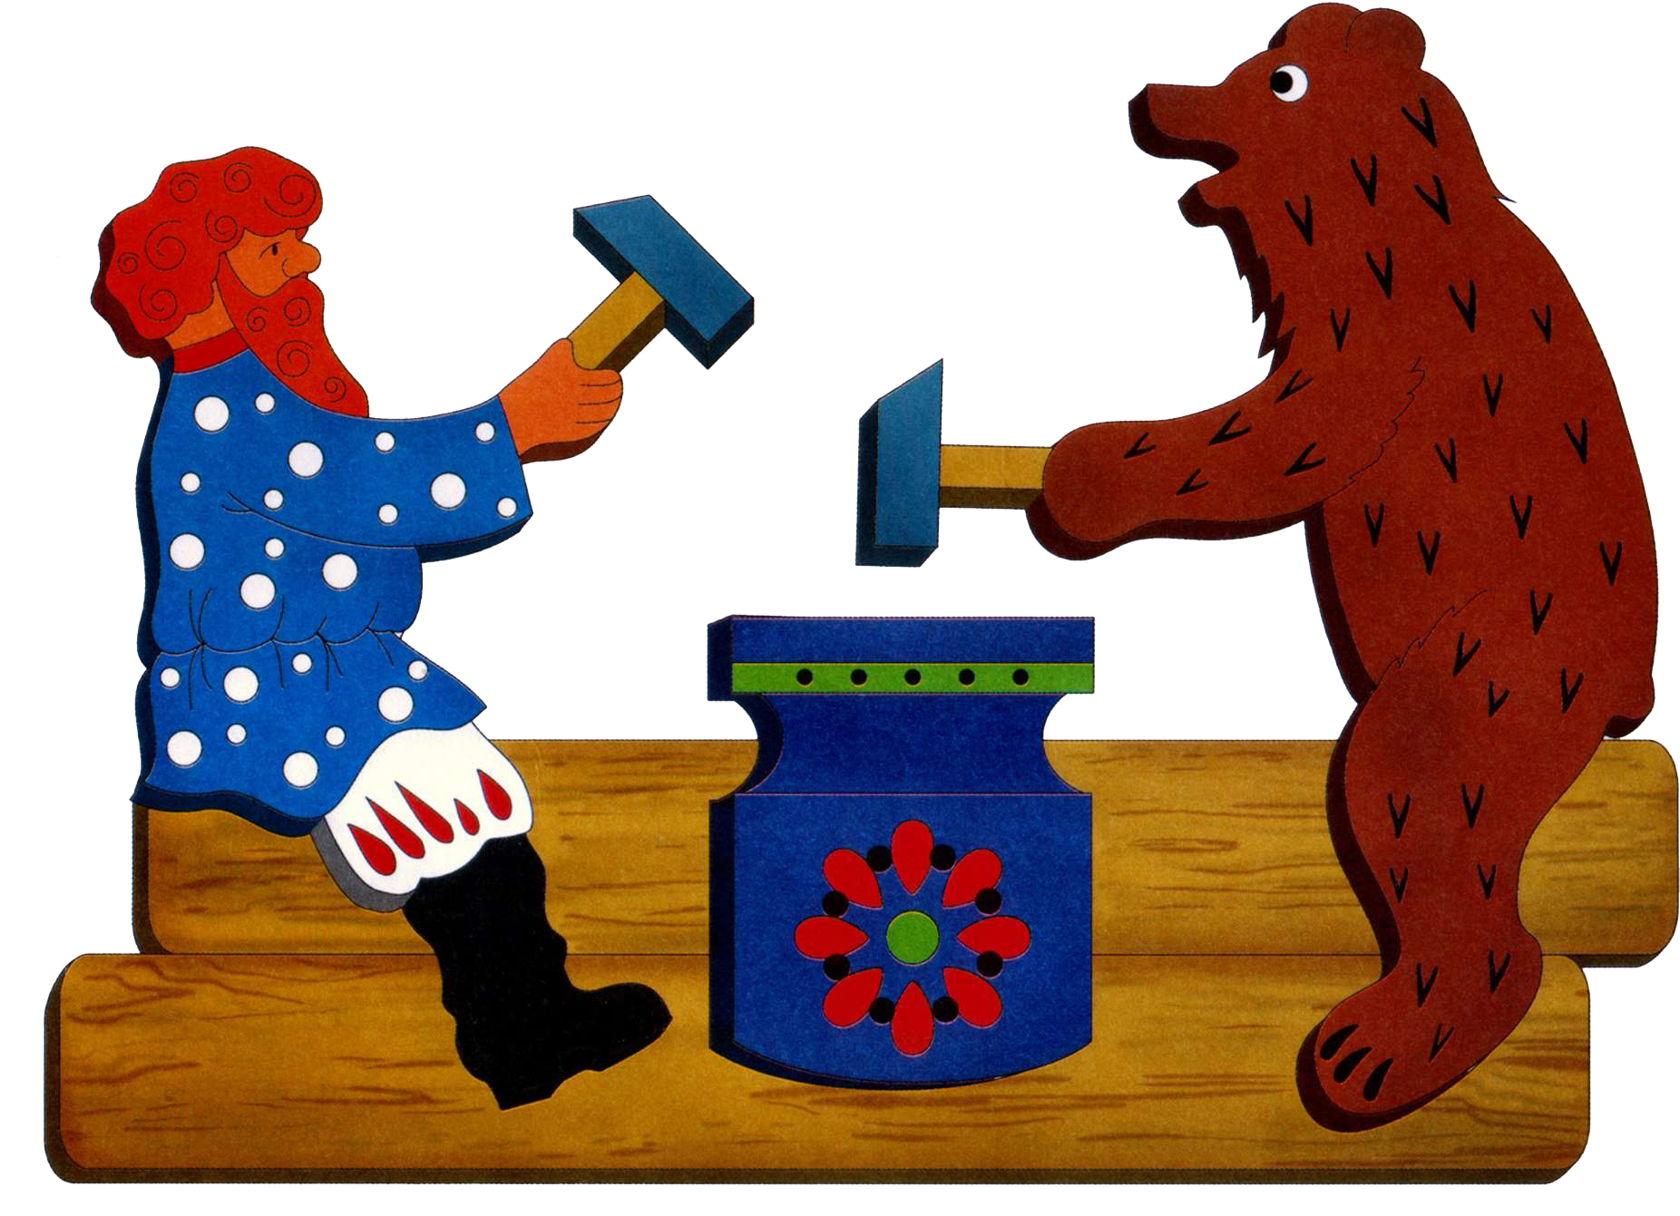 богородская игрушка картинки для раскрашивания вышивка новому